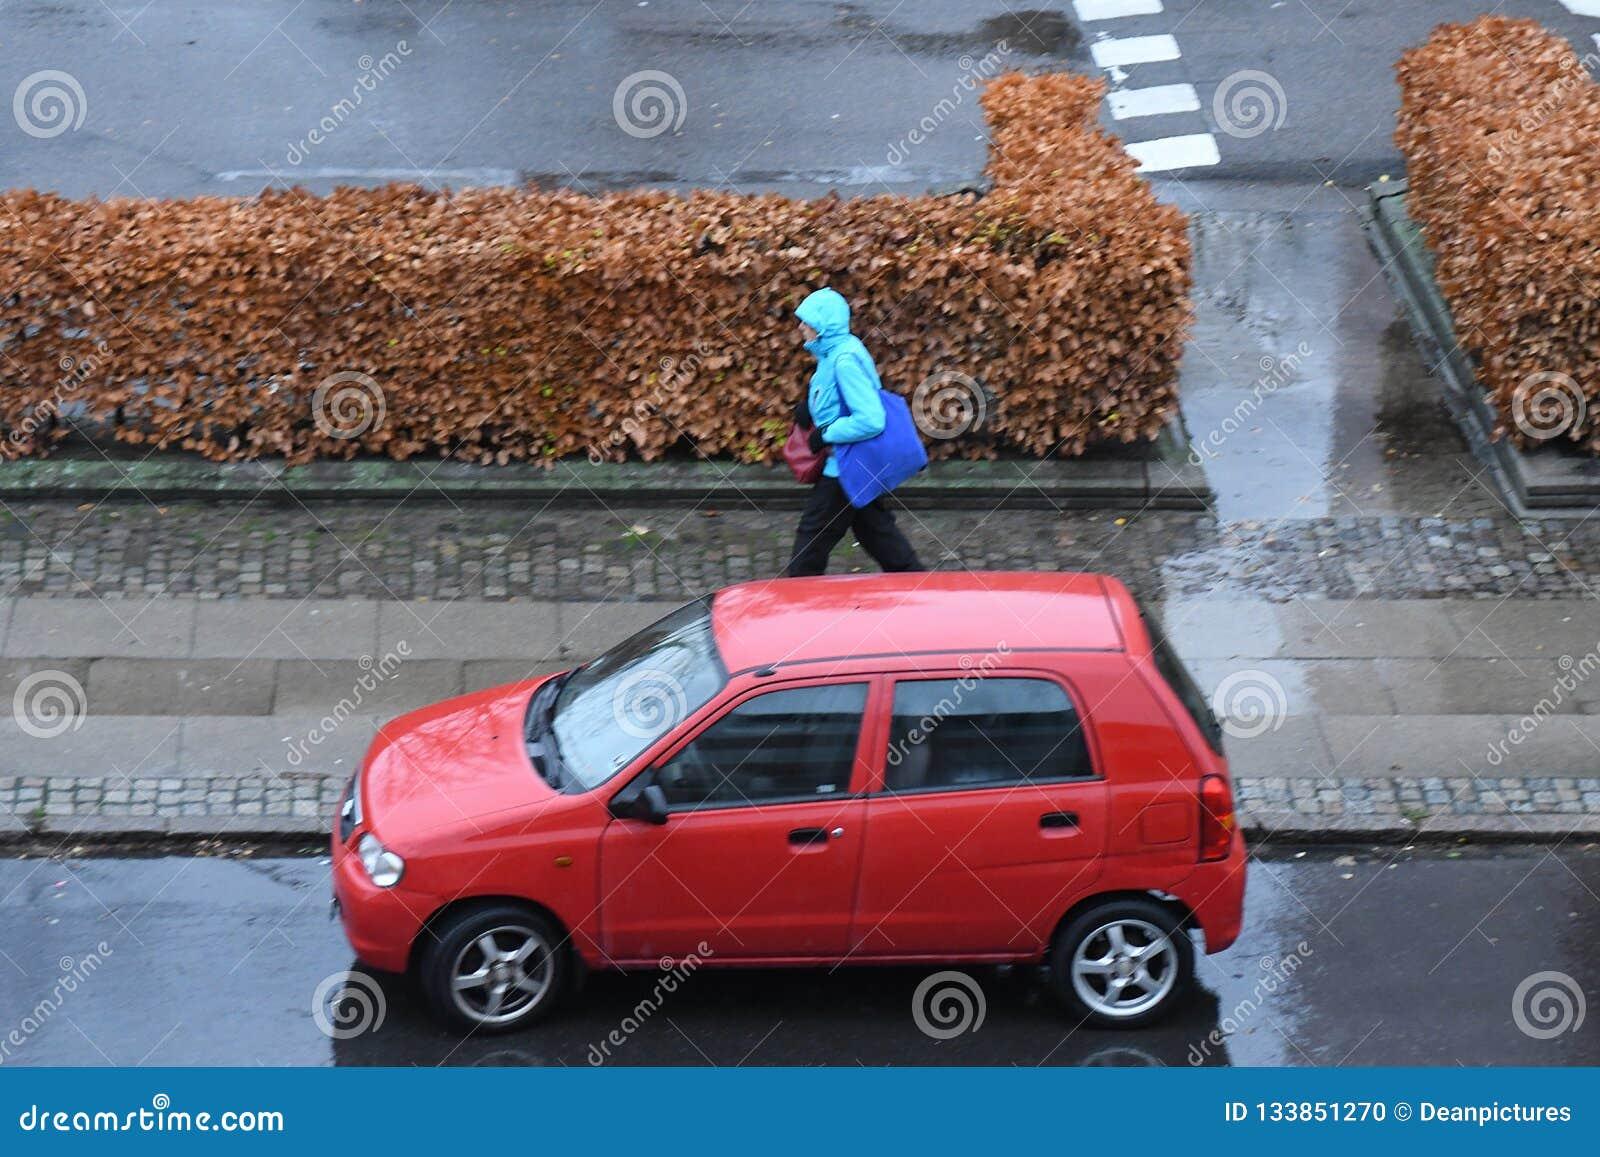 Wainy Weather In Danish Capital Copenhagen Denmrk Editorial Image